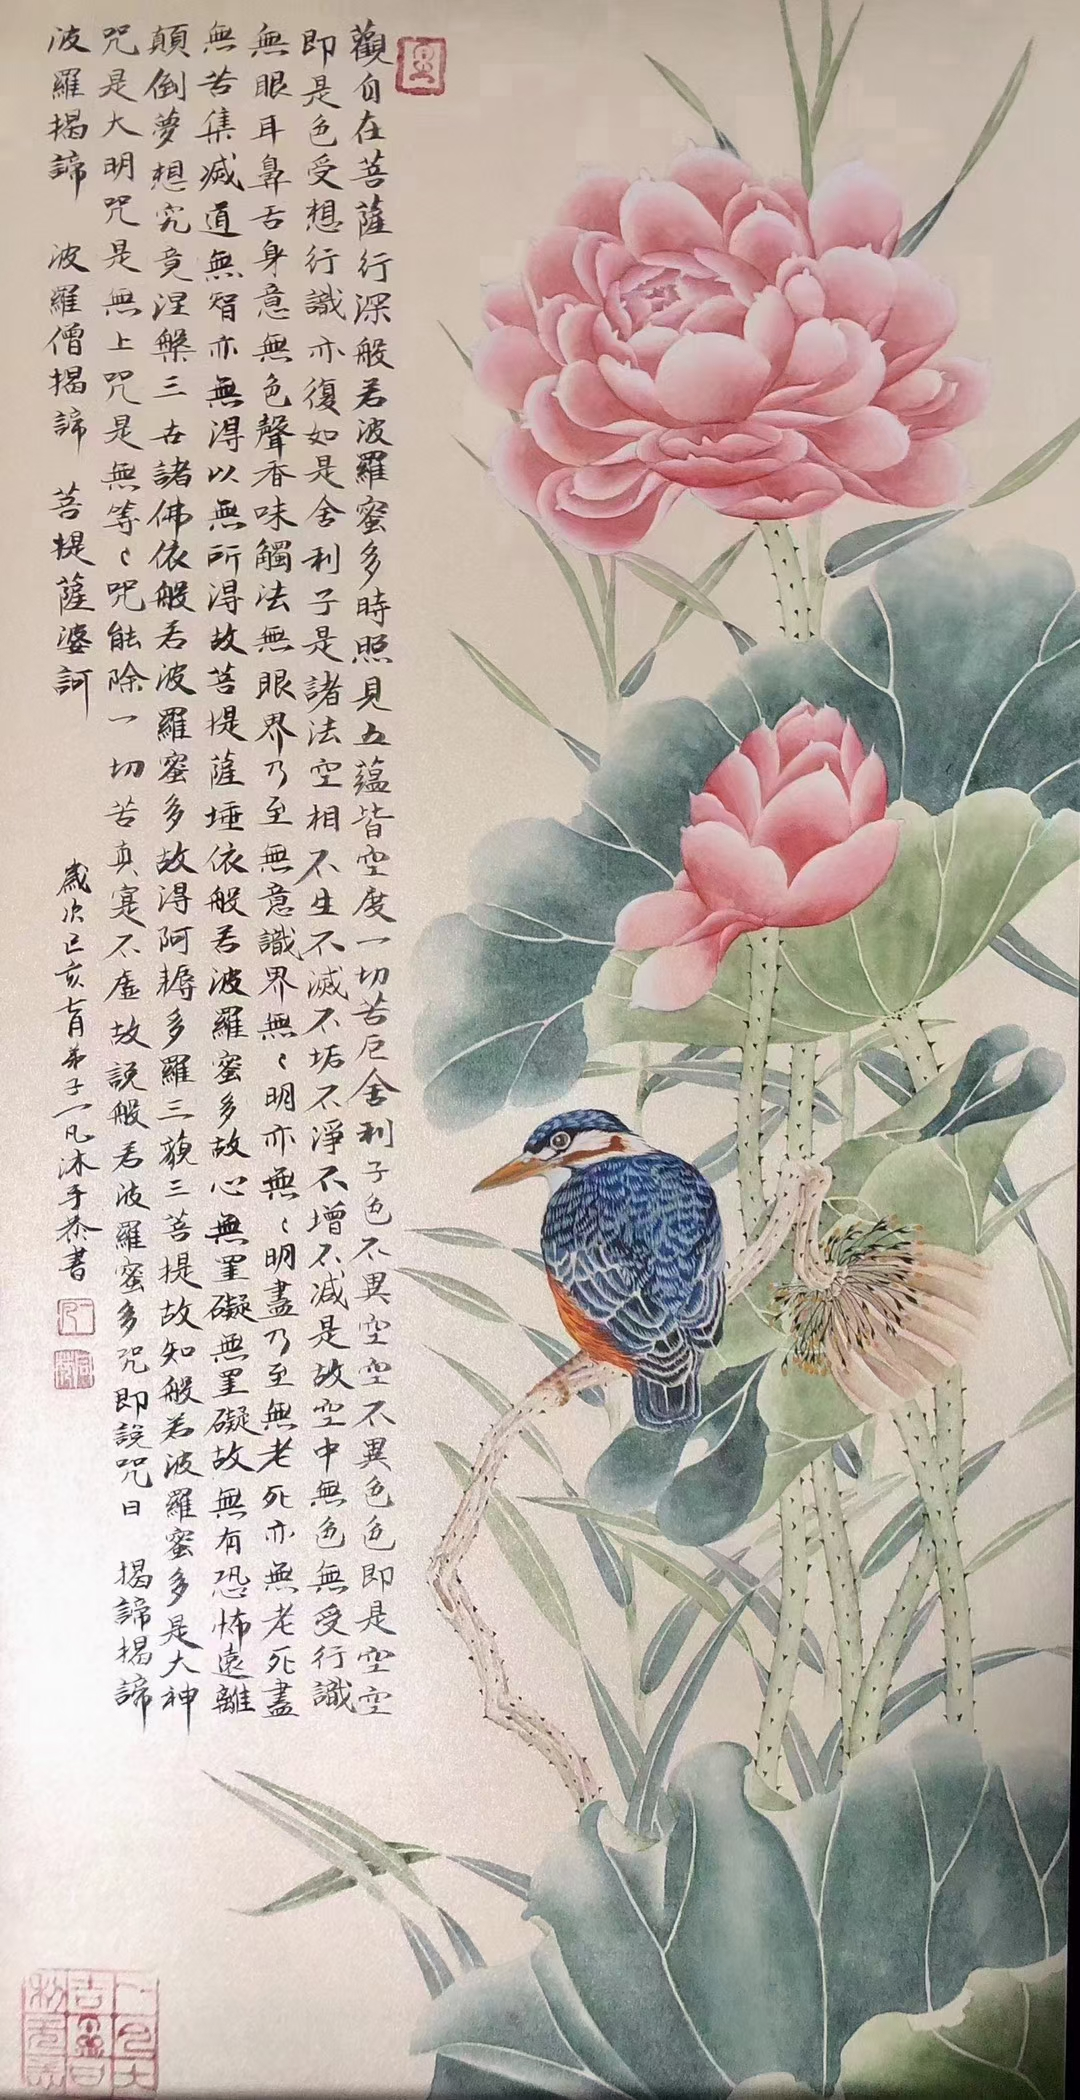 一凡画,《莲花心经配翠鸟》36*78